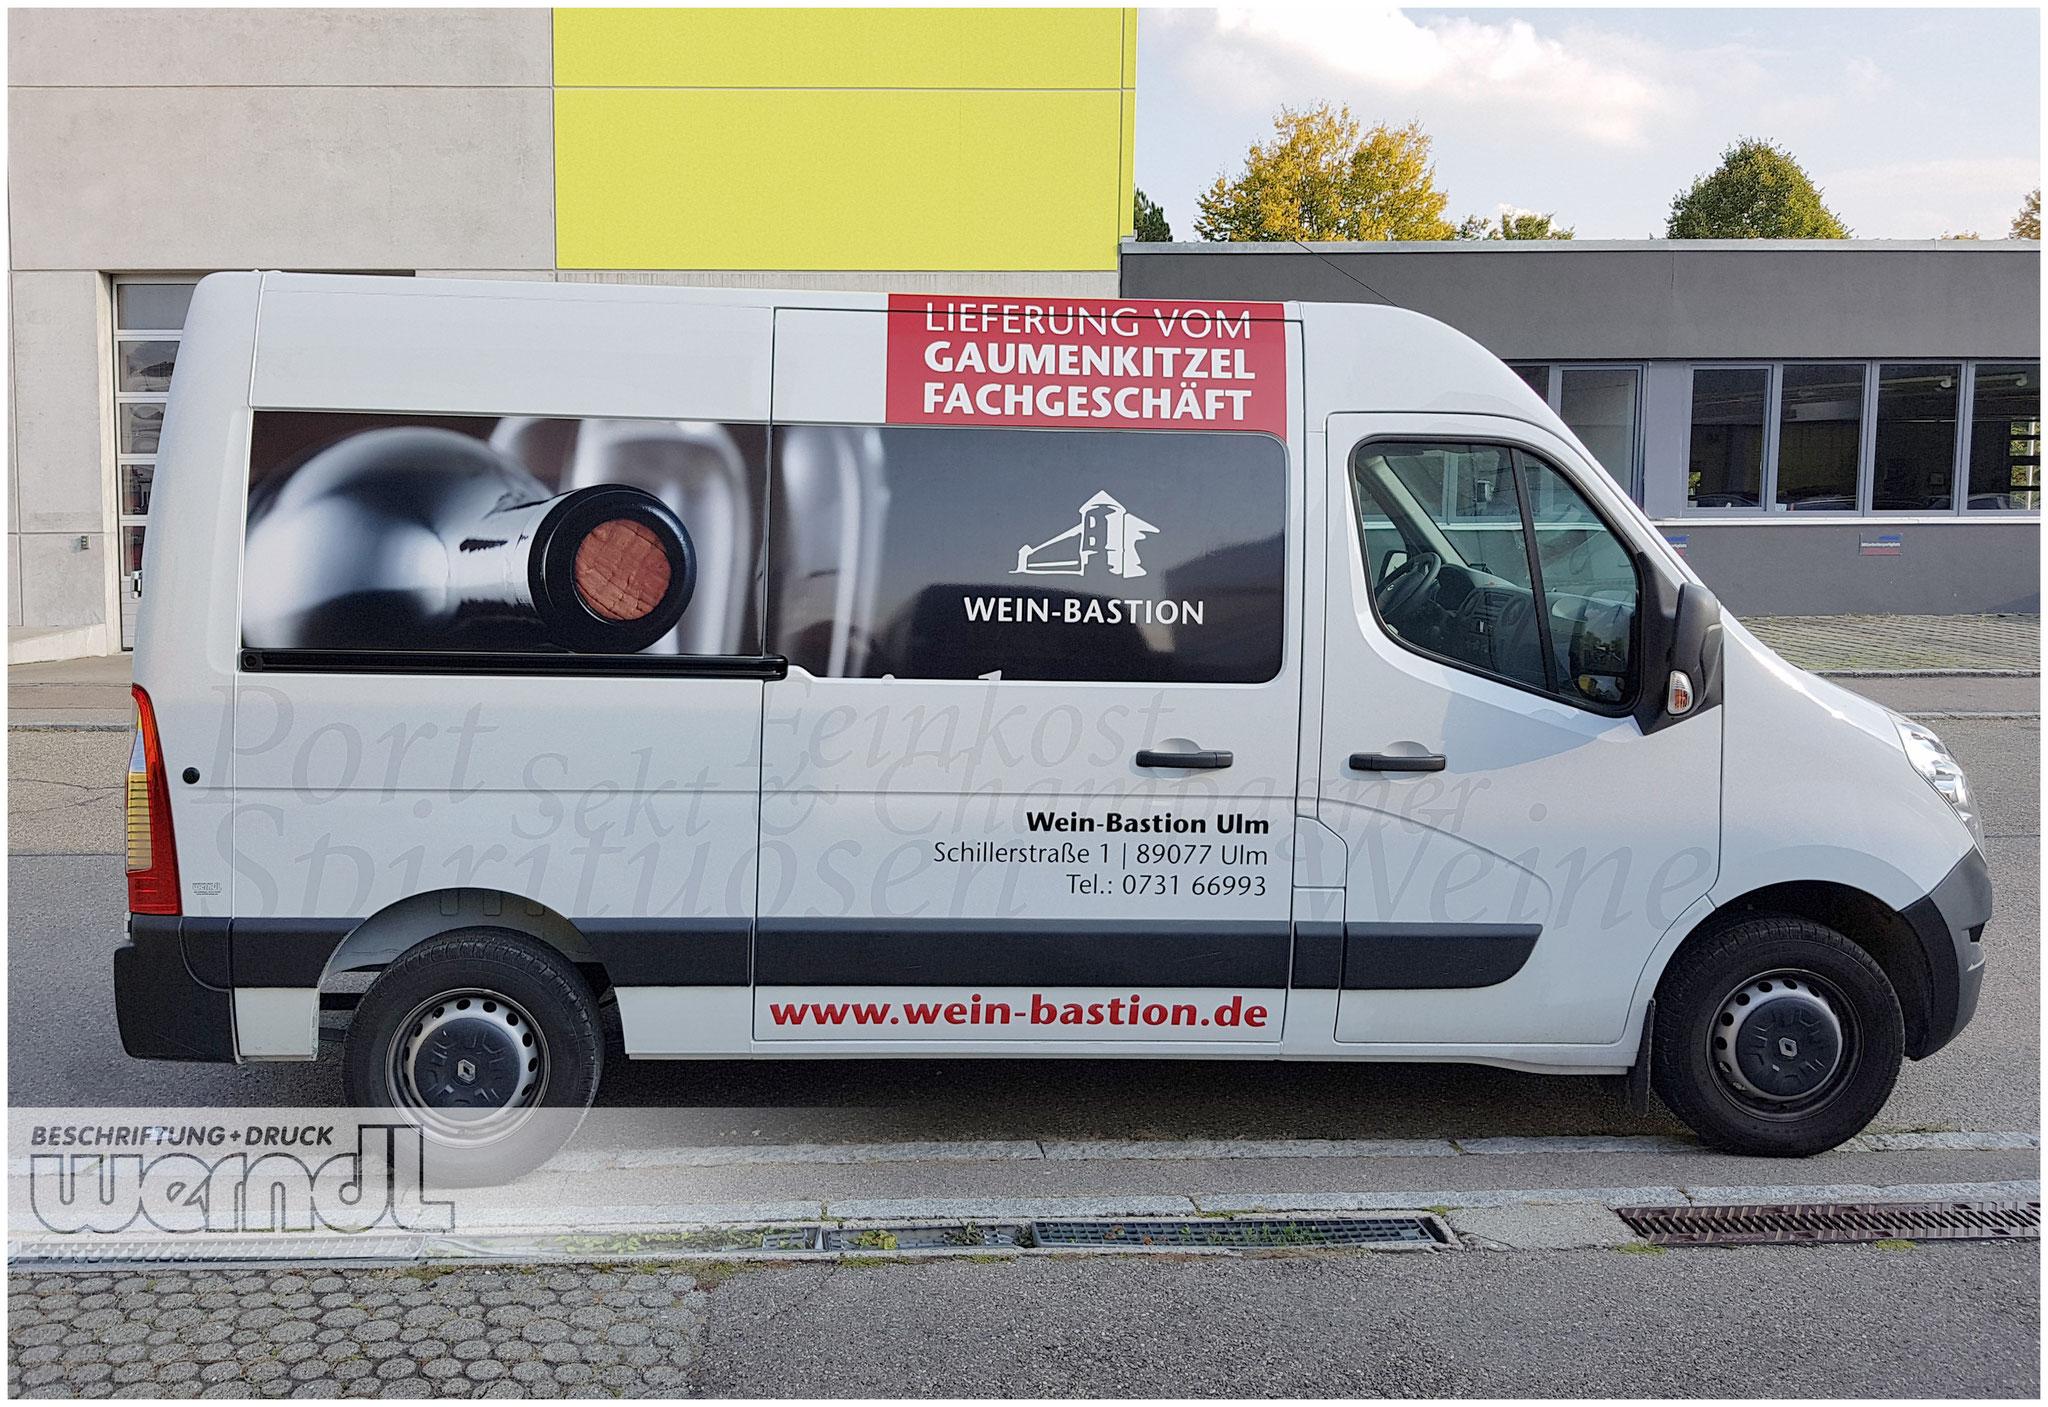 Fahrzeugvollverklebung für die Weinbastion Ulm